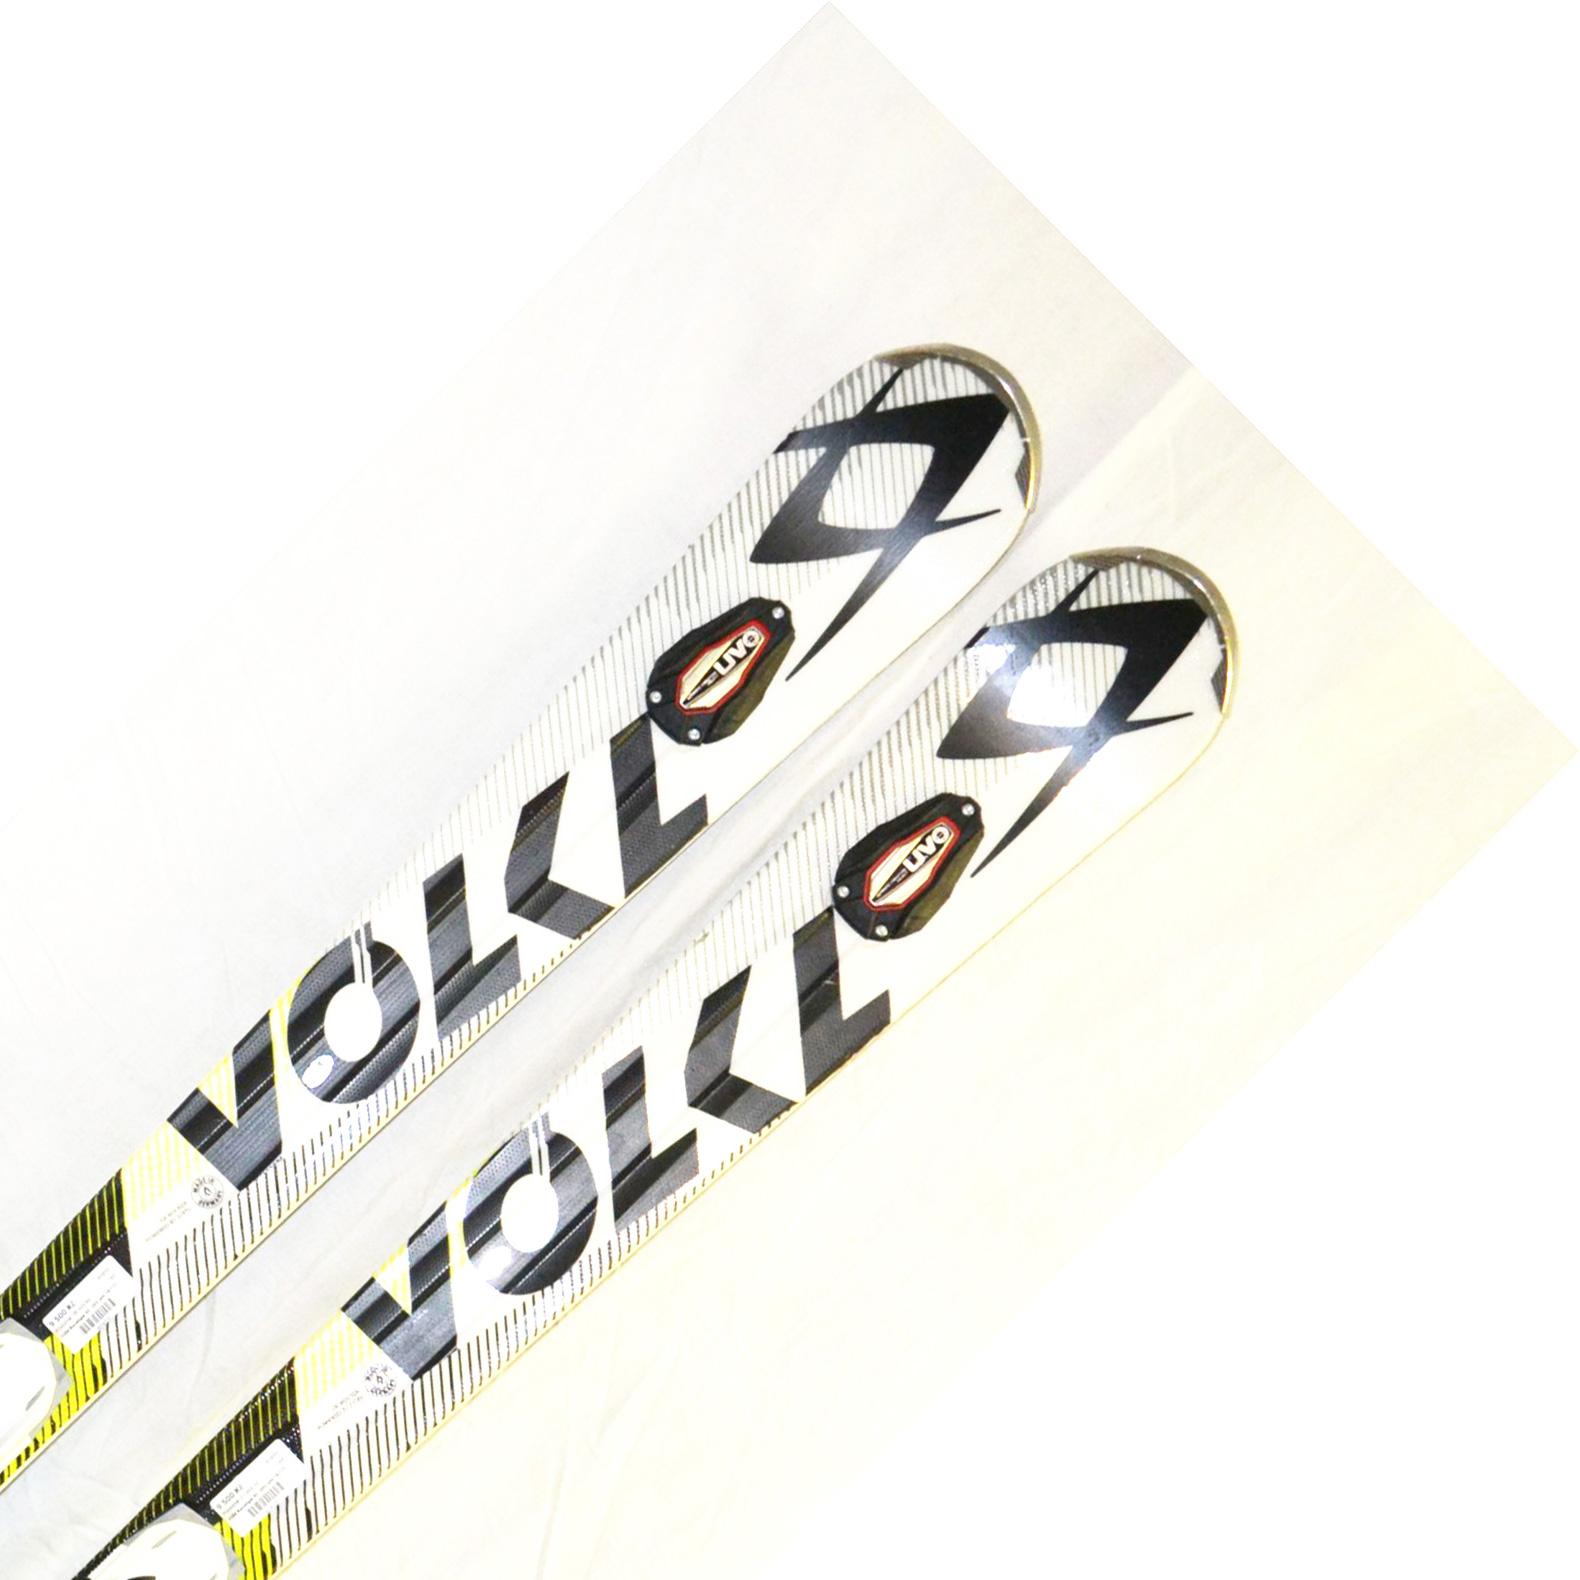 Bazar - Lyže Völkl Racetiger SC UVO wht 16/17+ XMotion 12.0TCX - délka 165 165